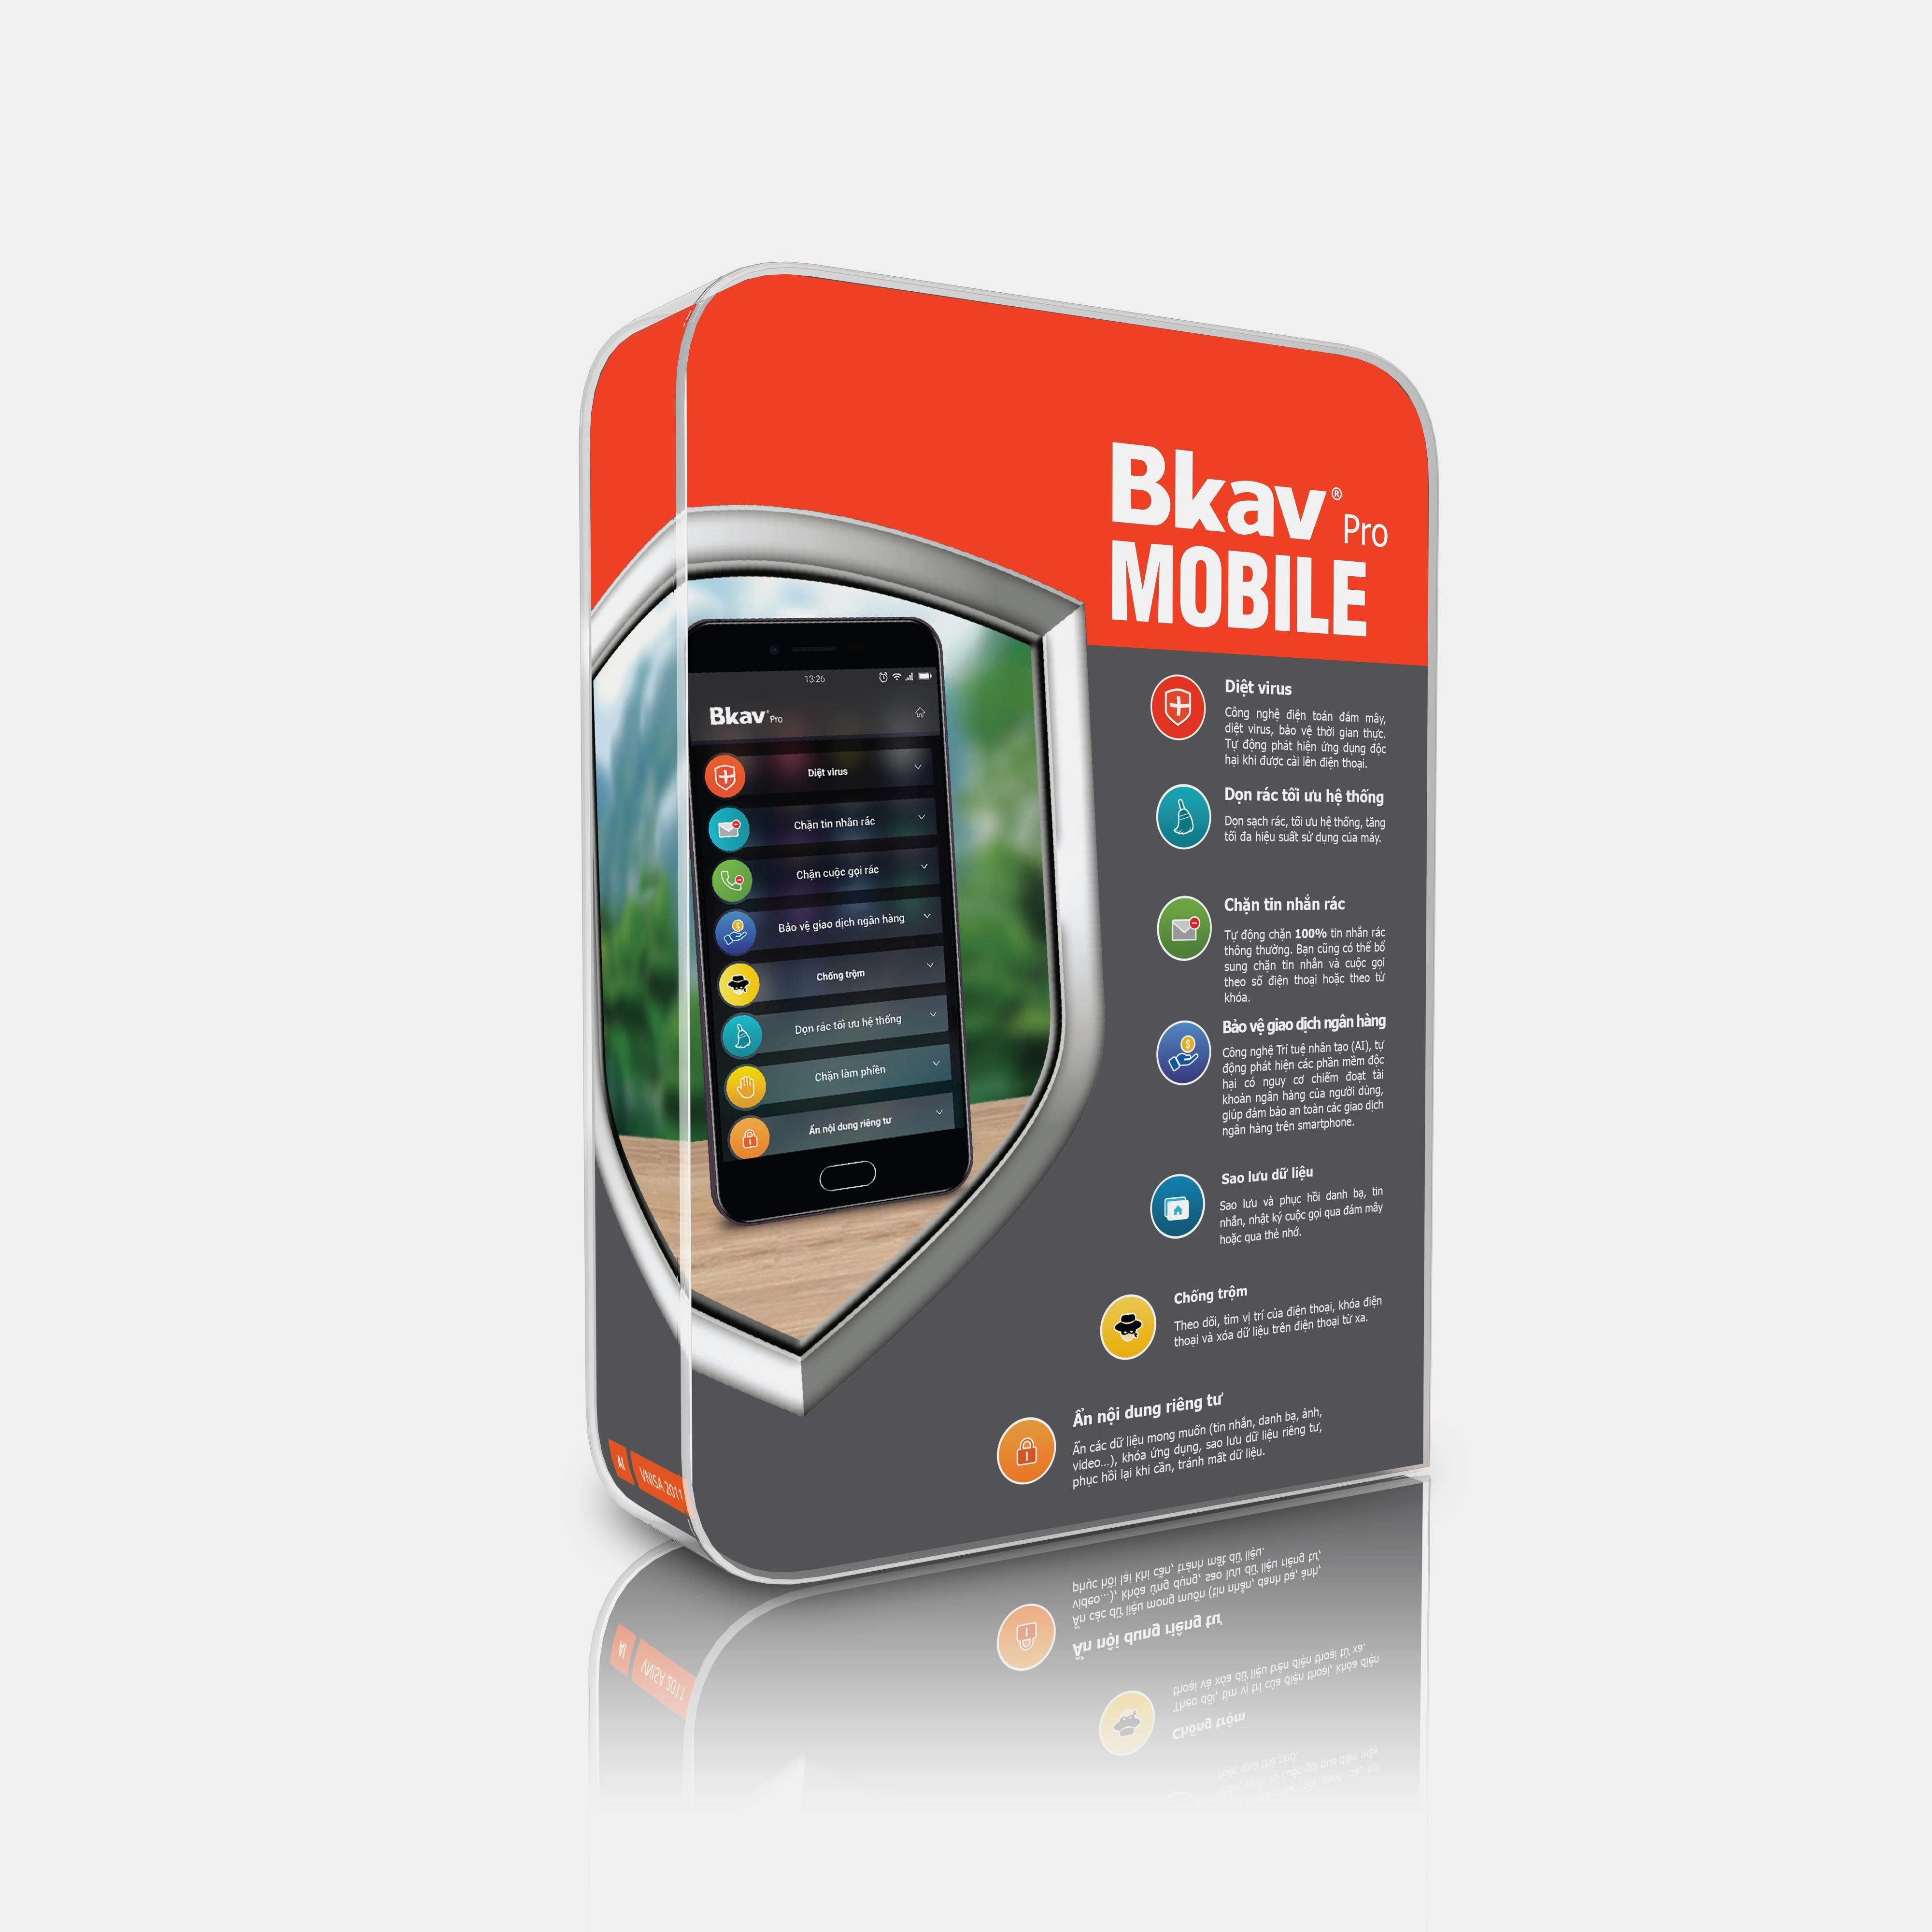 Phần mềm bảo vệ điện thoại Bkav Pro Mobile - Hàng chính hãng - Hỗ trợ kỹ thuật 24/7